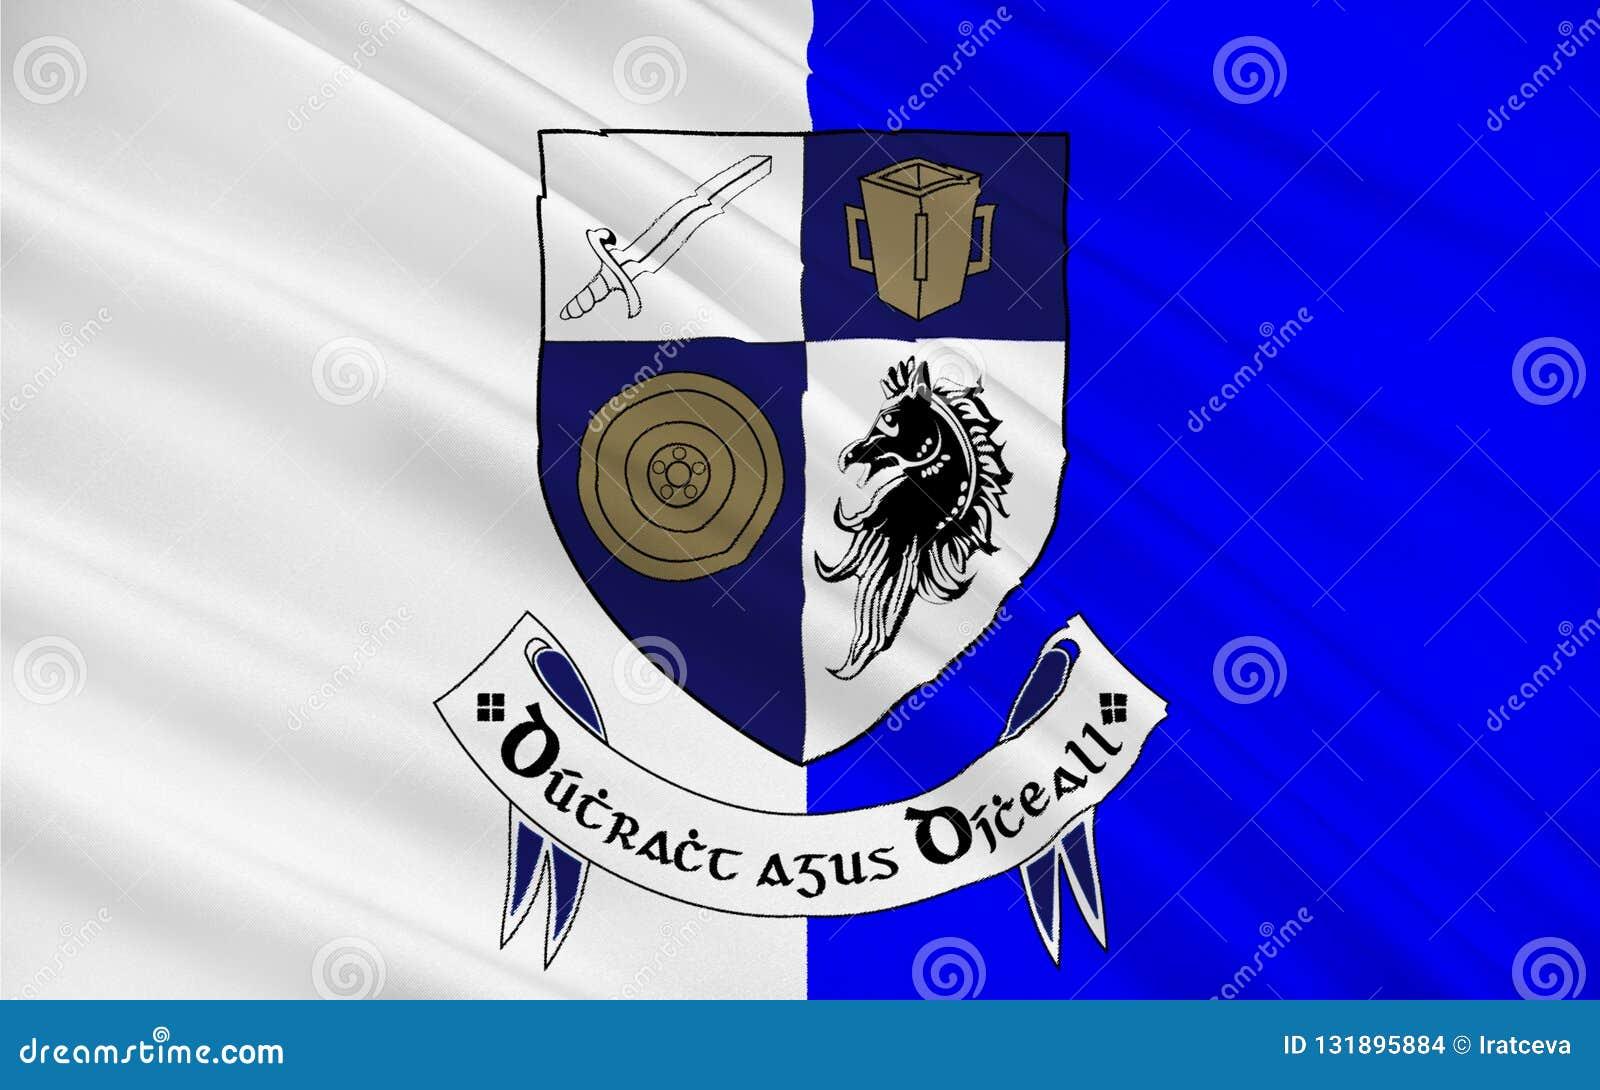 Flagge der Grafschaft Monaghan ist eine Grafschaft in Irland